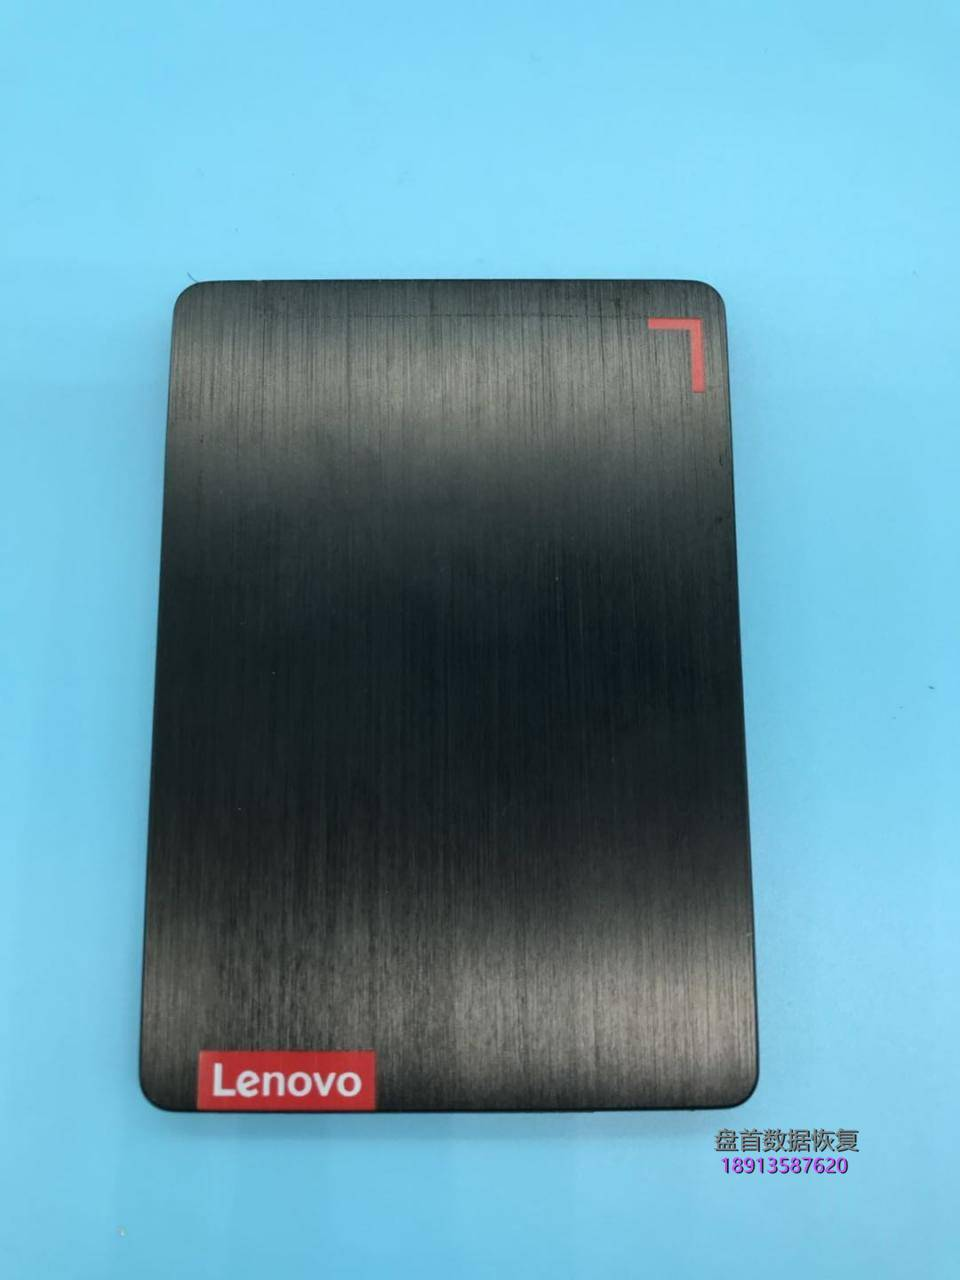 自动草稿 成功恢复120G联想SL500固态硬盘进水后芯片焊接点氧化短路客户通电后烧坏电源控制芯片